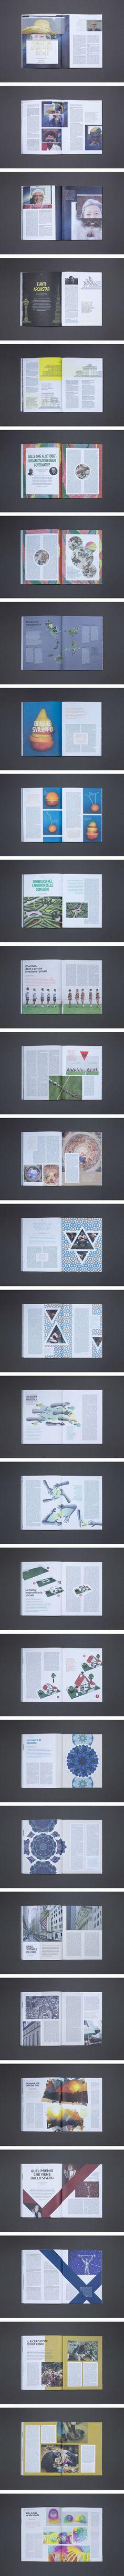 Editorial Design Served' oxygen magazine - issue 21